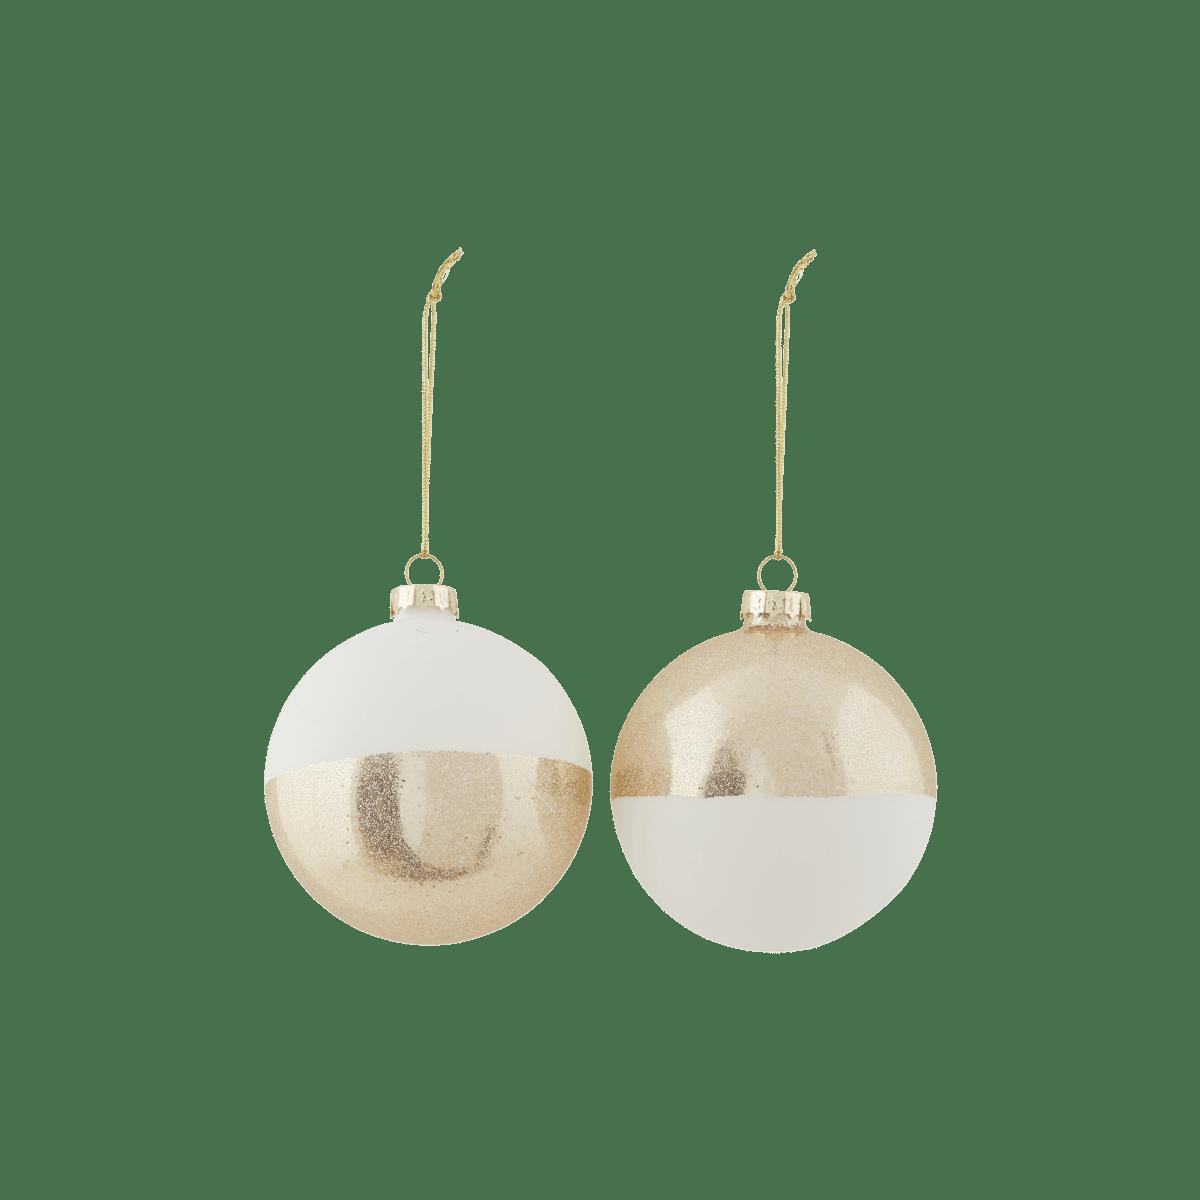 Bílozlaté dekorační baňka Upp 2 druhy